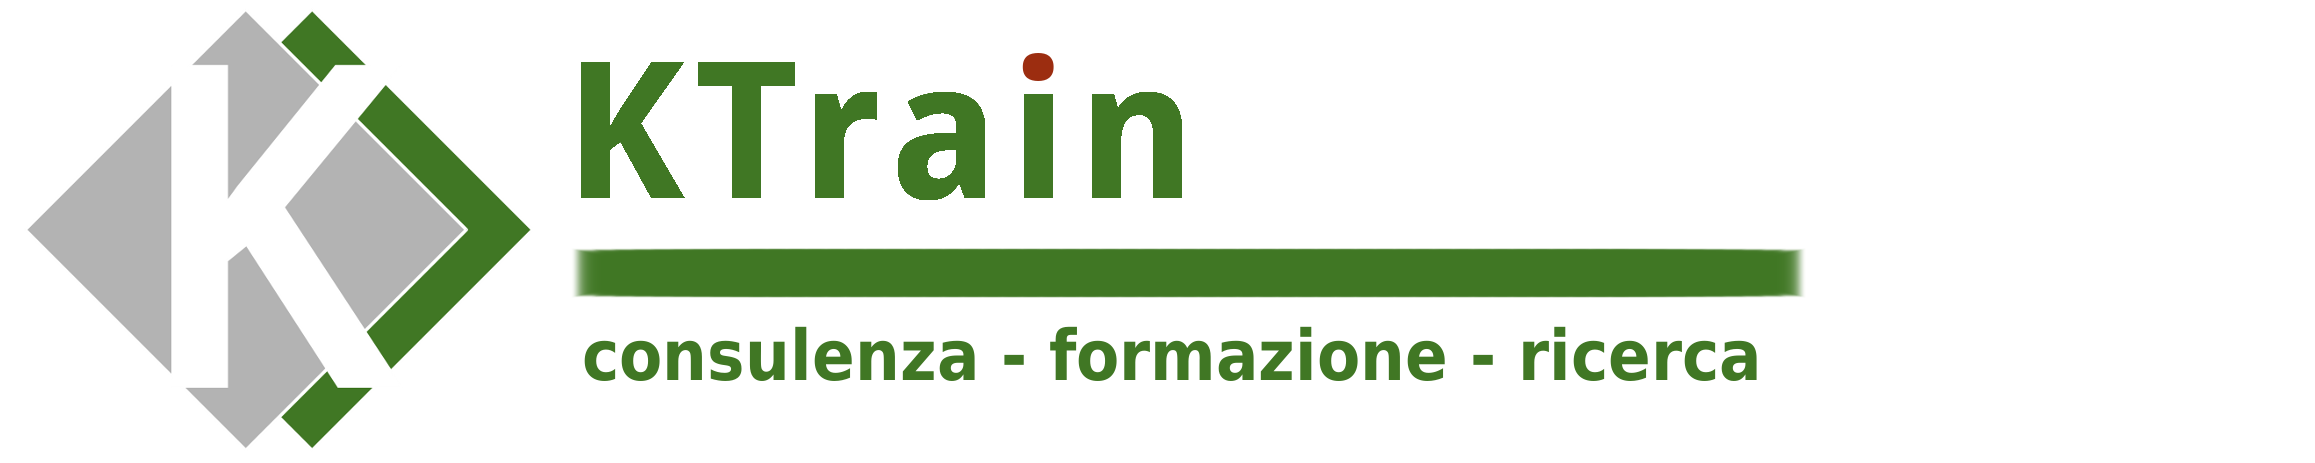 KTrain – Enrico Marchetti PhD | Consulenza, formazione e ricerca al servizio delle imprese e delle organizzazioni